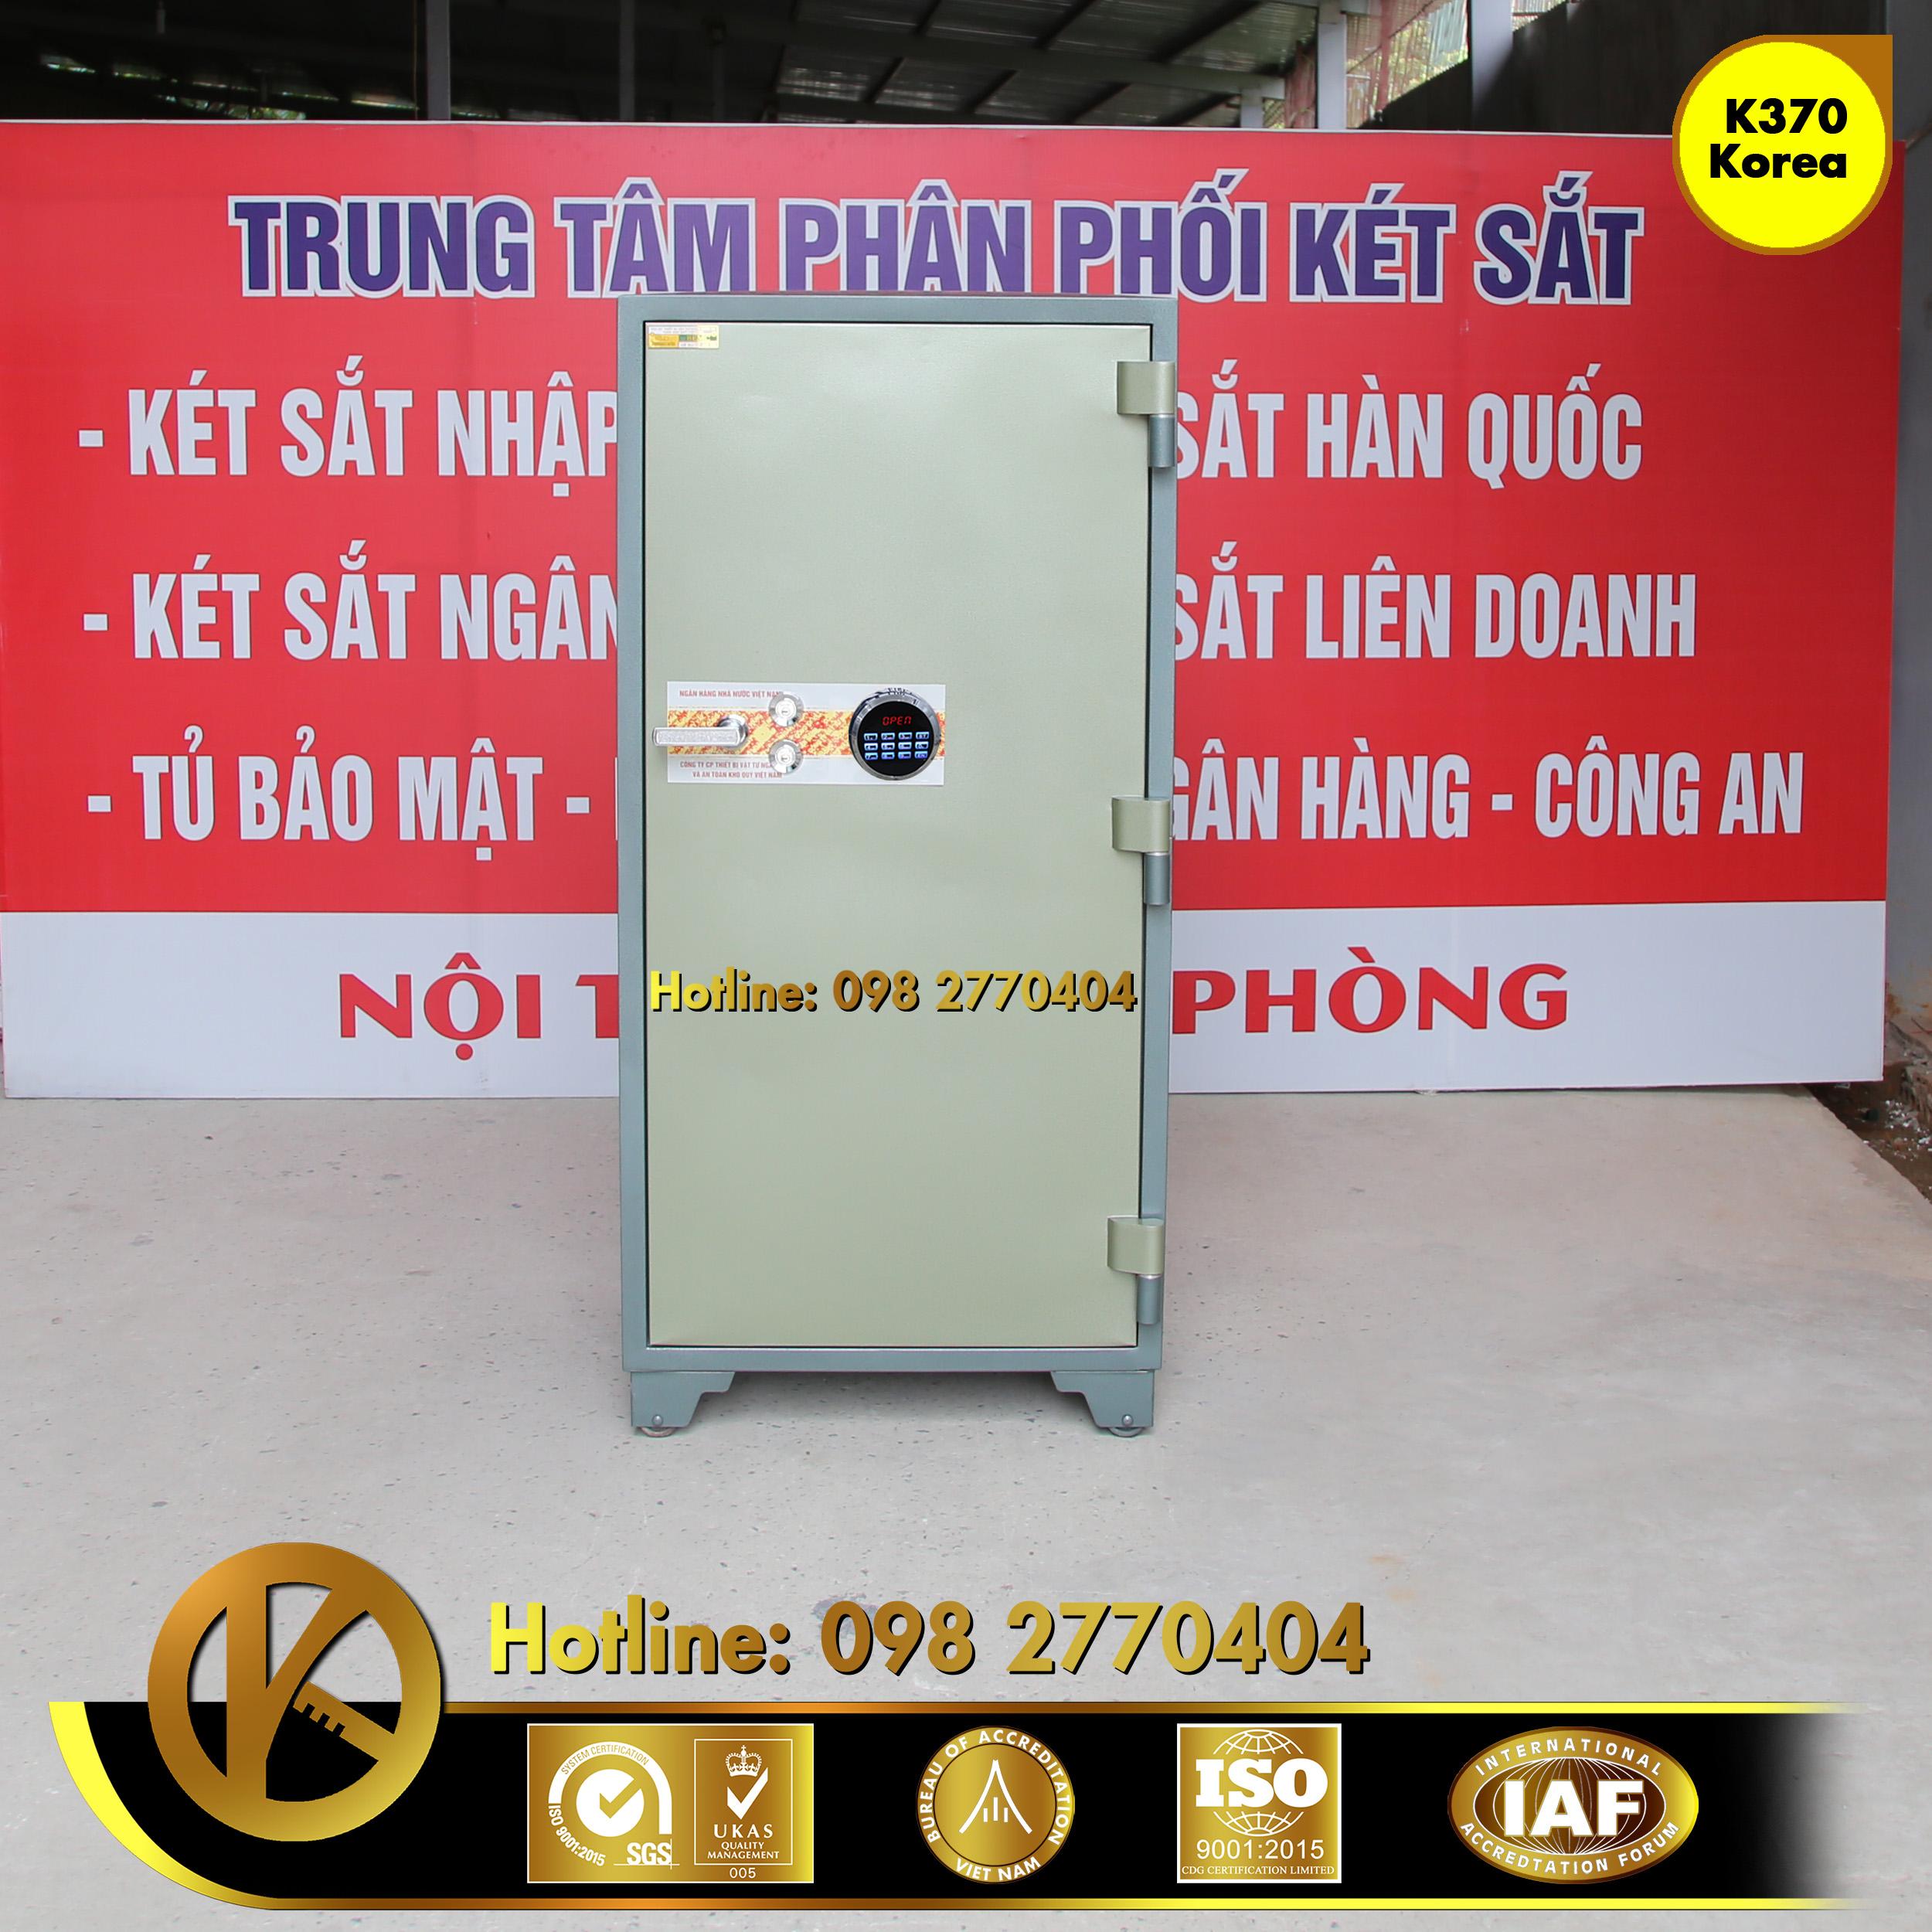 Két Sắt Ngân Hàng BEMC K370 Điện Tử